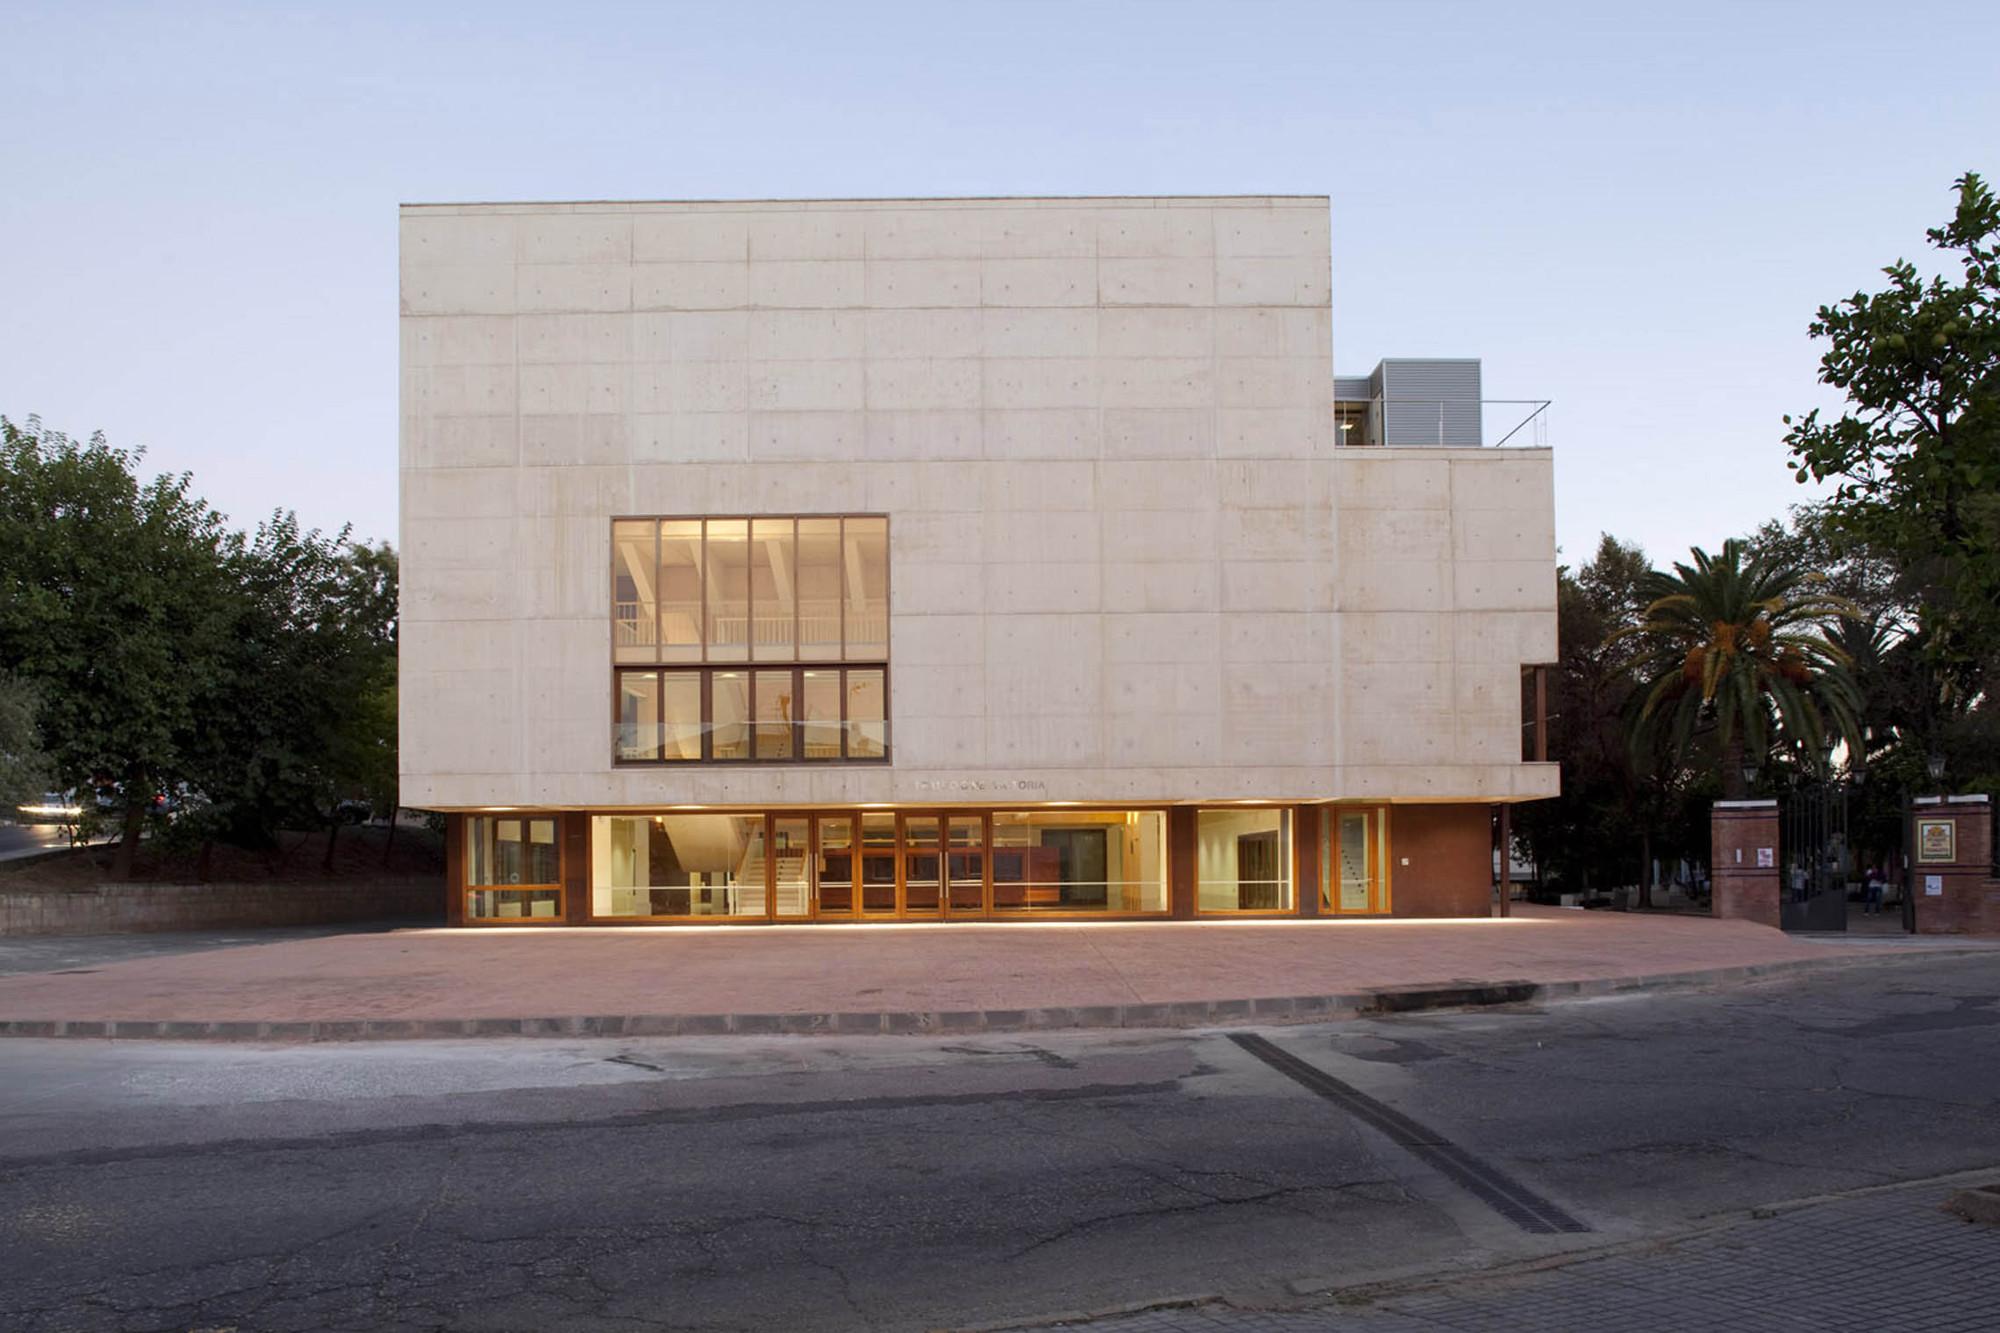 Teatro Cinema Reina Victoria / Enrique Abascal, © Clemente Delgado